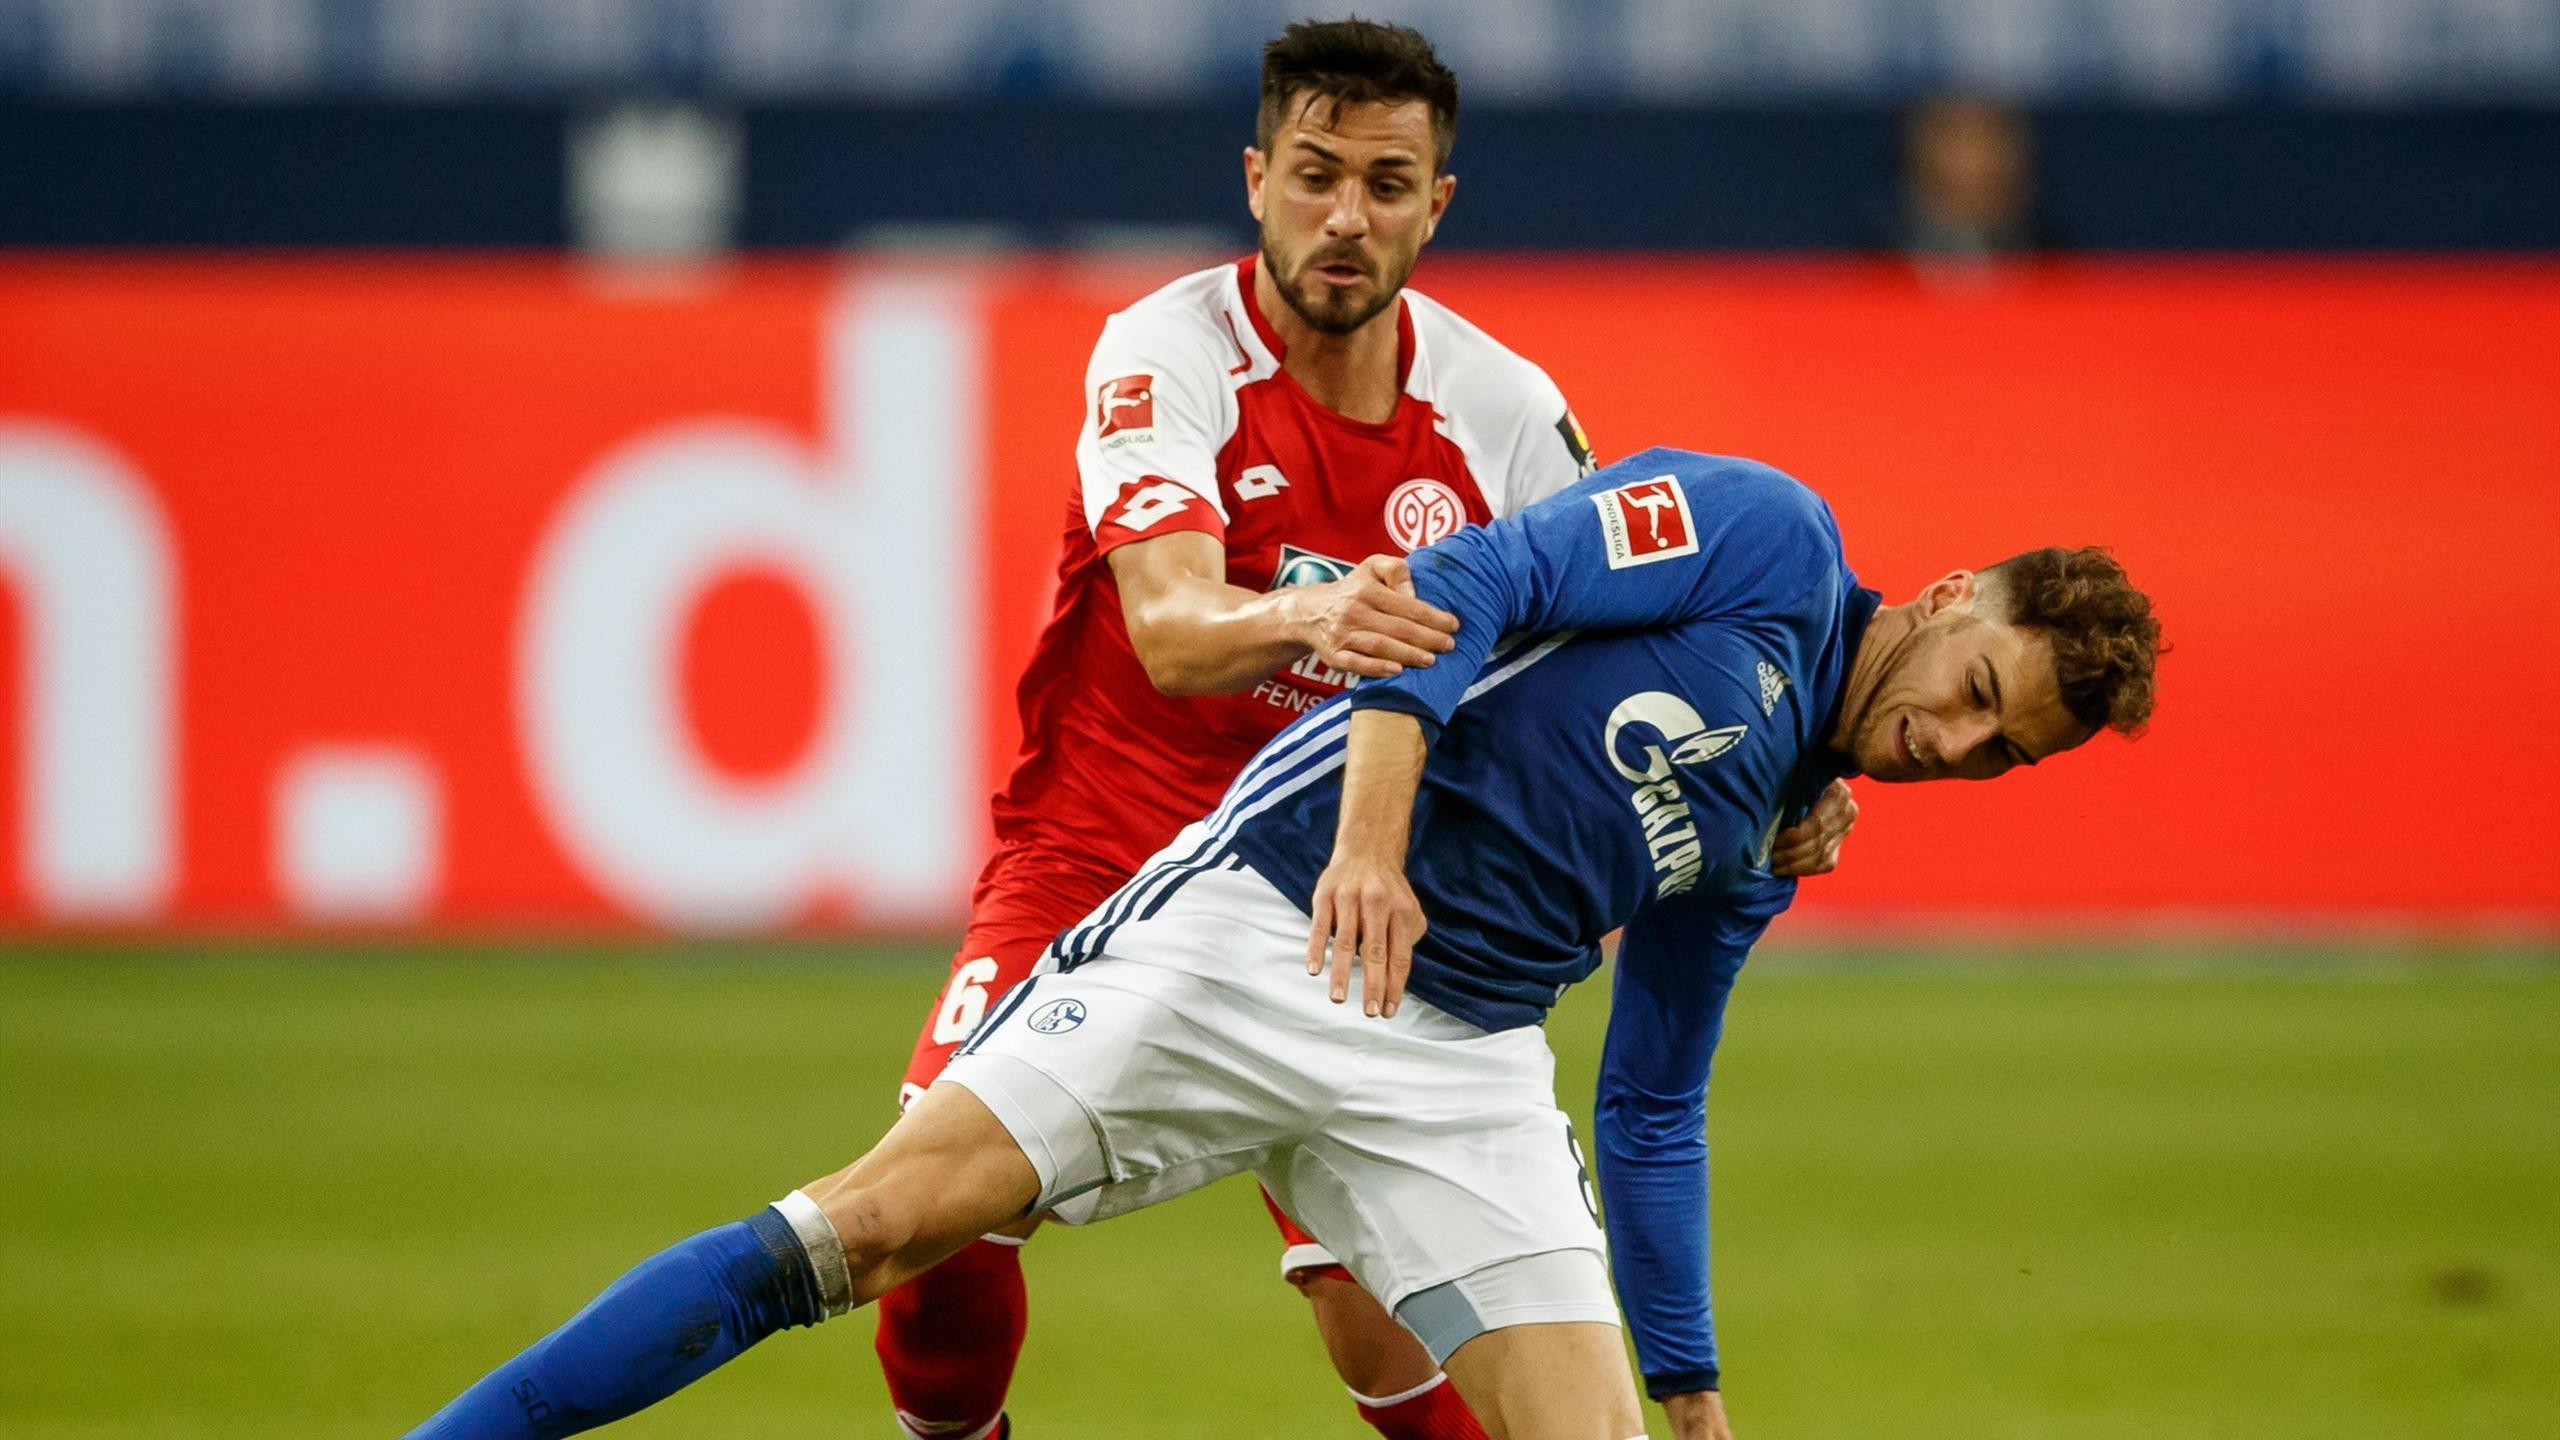 Schalke Mainz Live